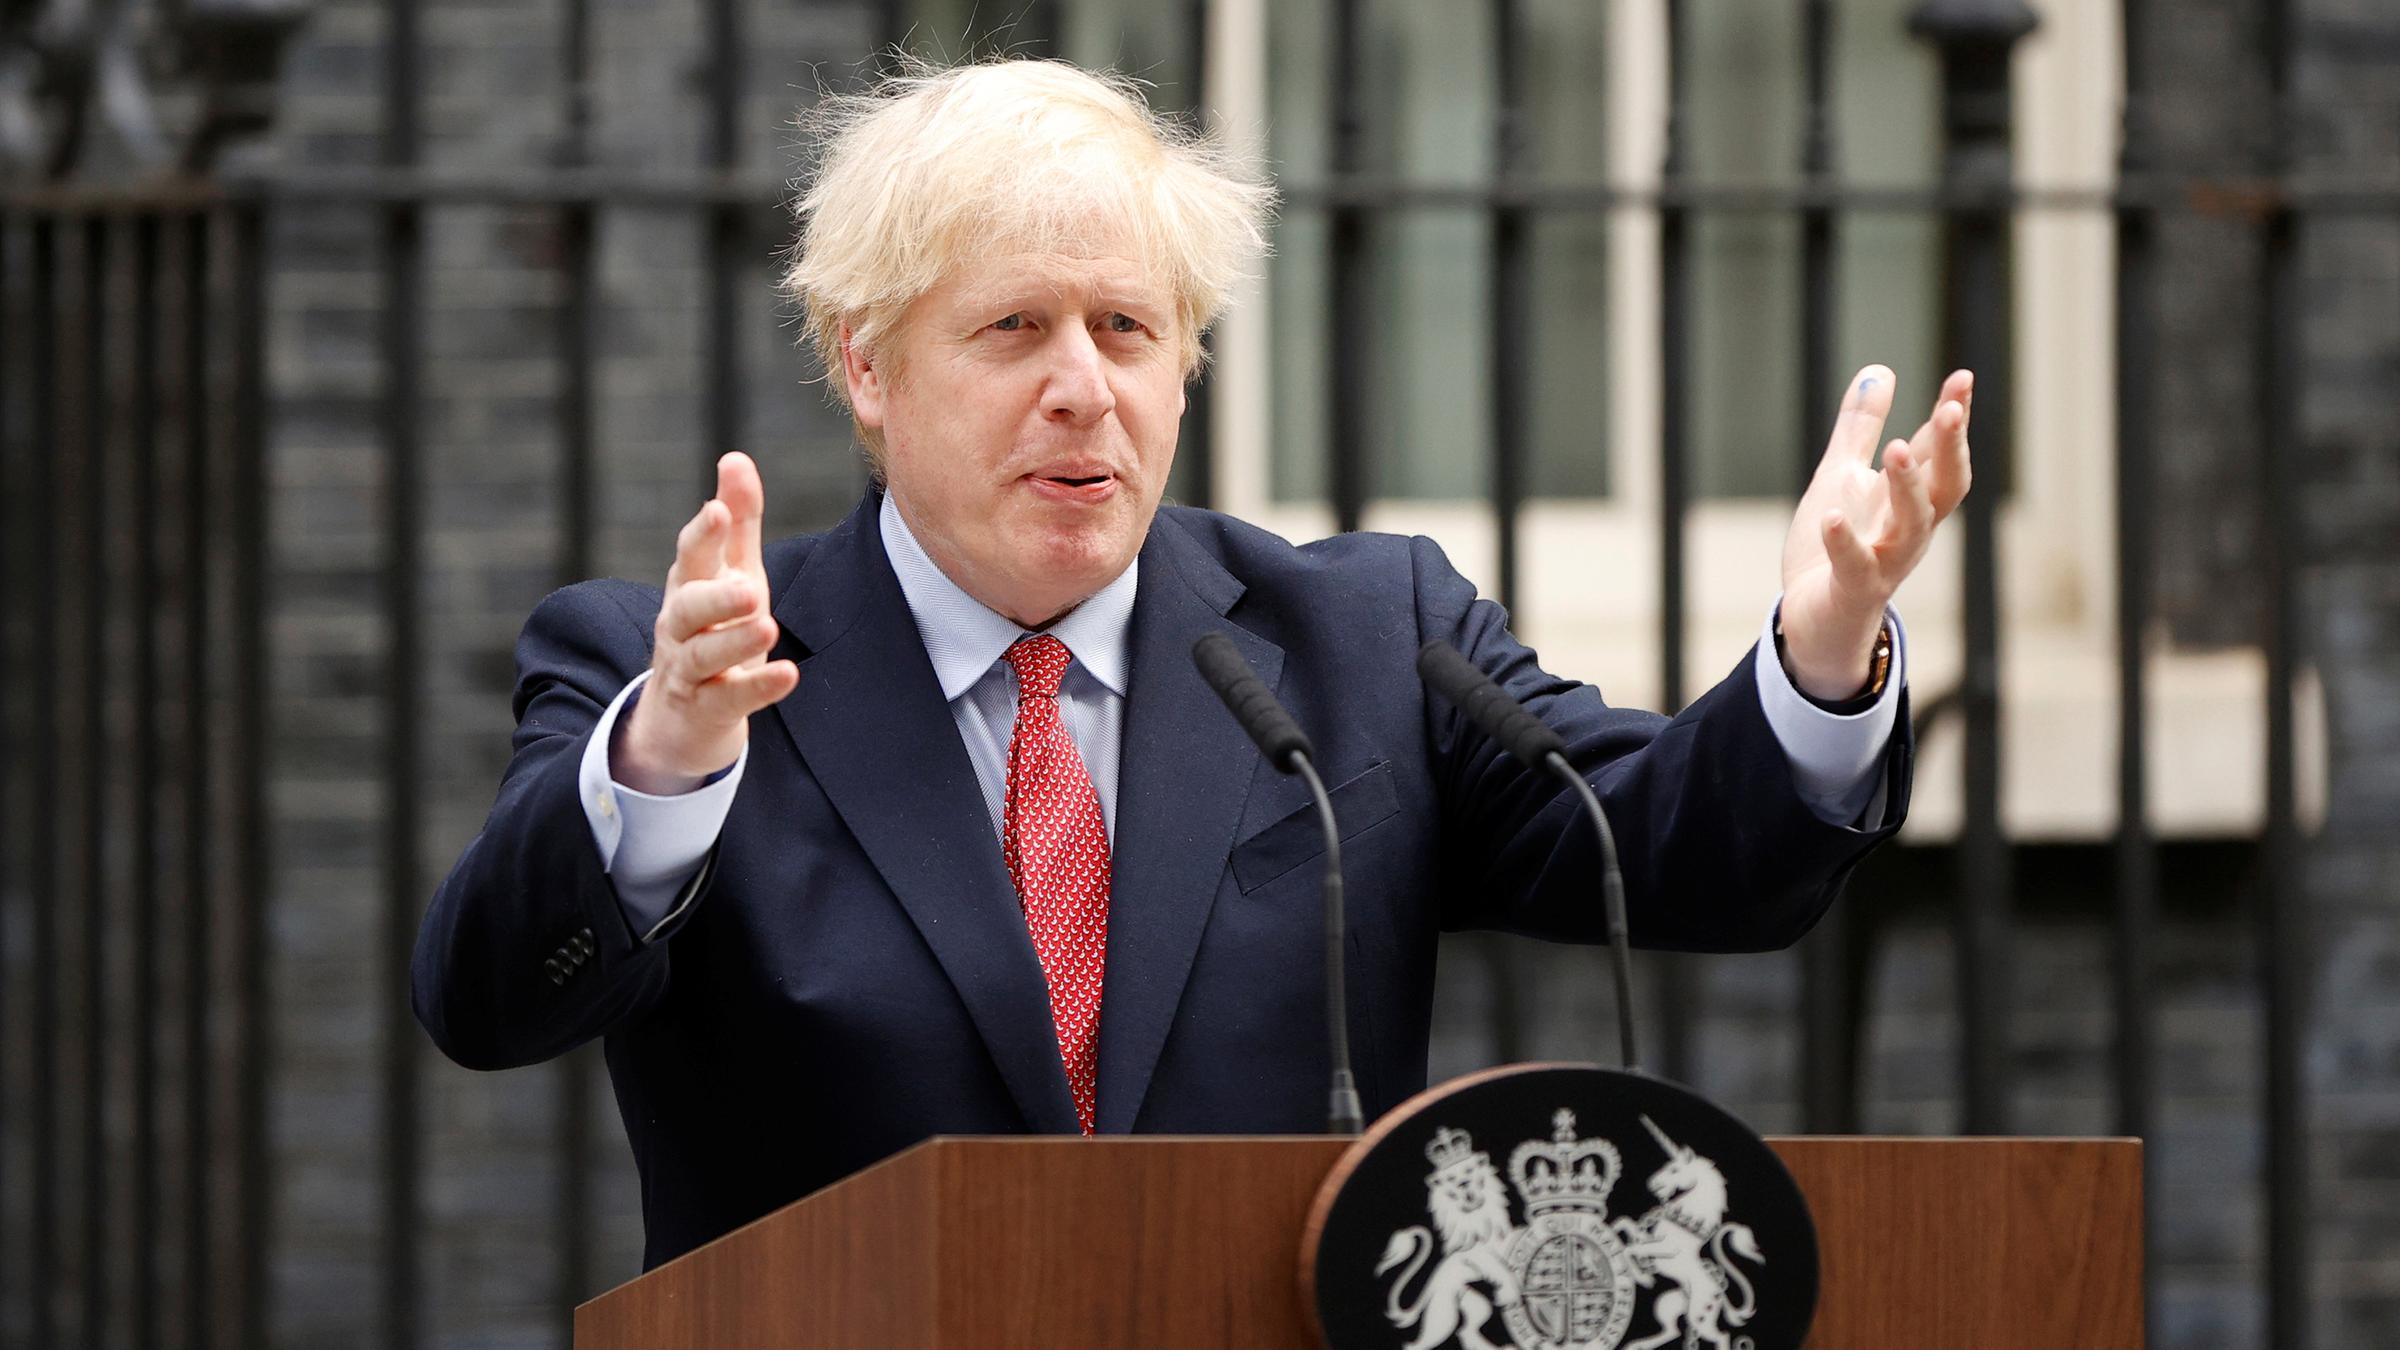 «Великобритания станет сильнее, чем когда-либо прежде». Борис Джонсон вернулся к работе после COVID-19